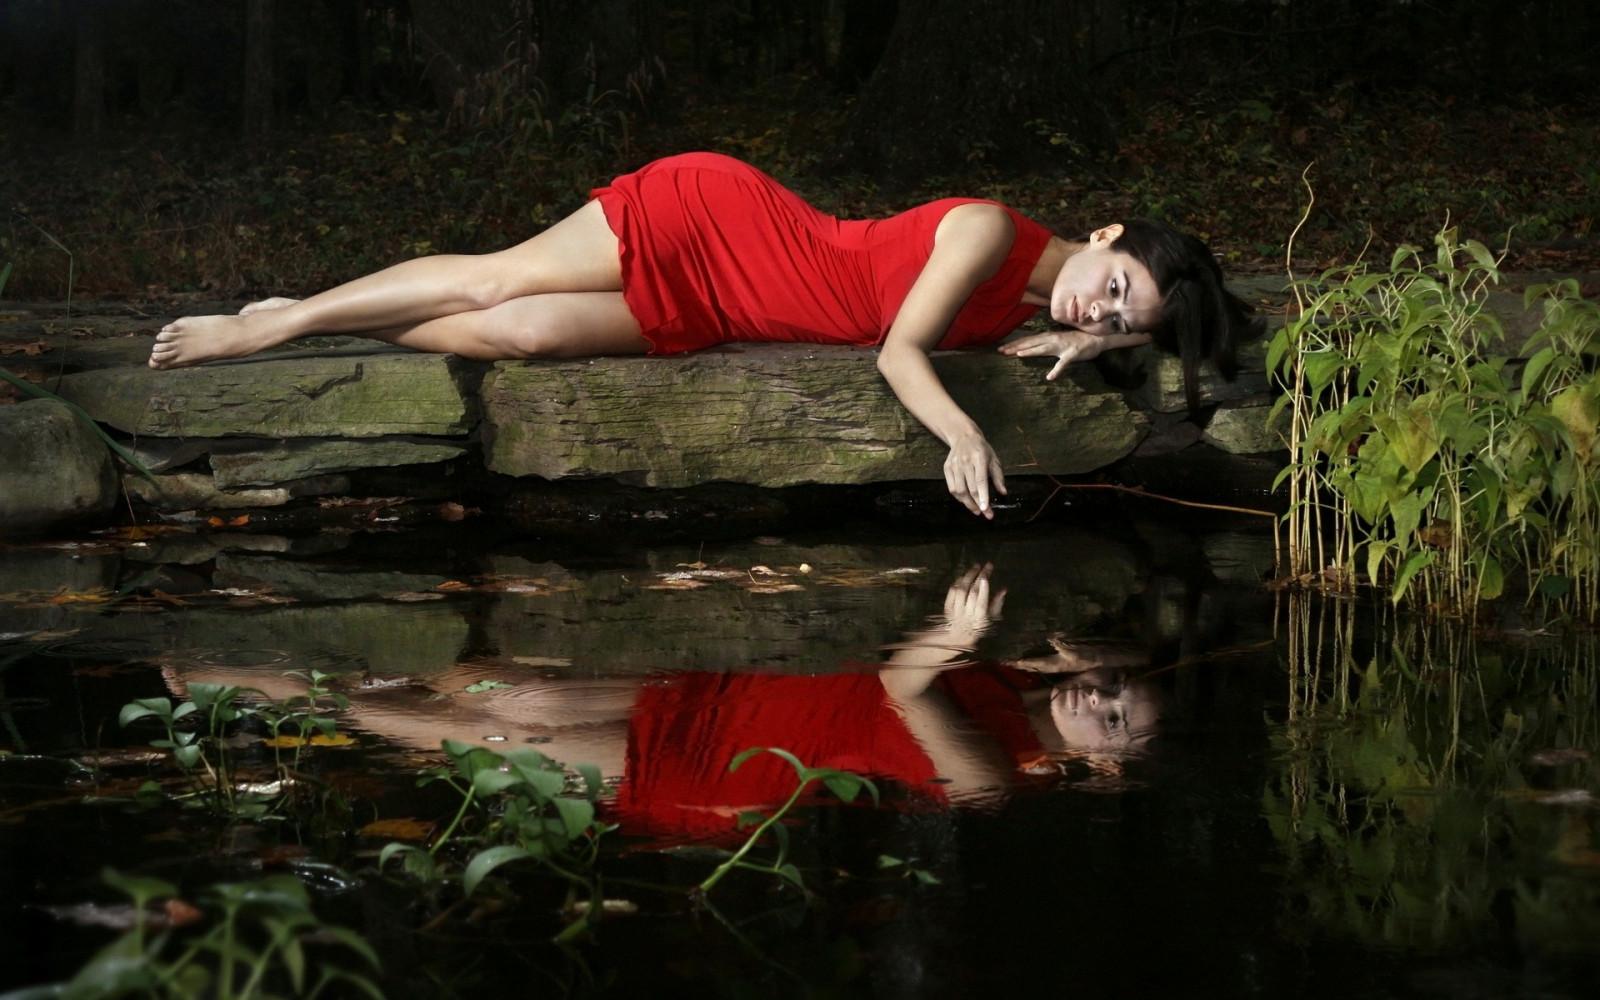 воде сделать фото отражение в